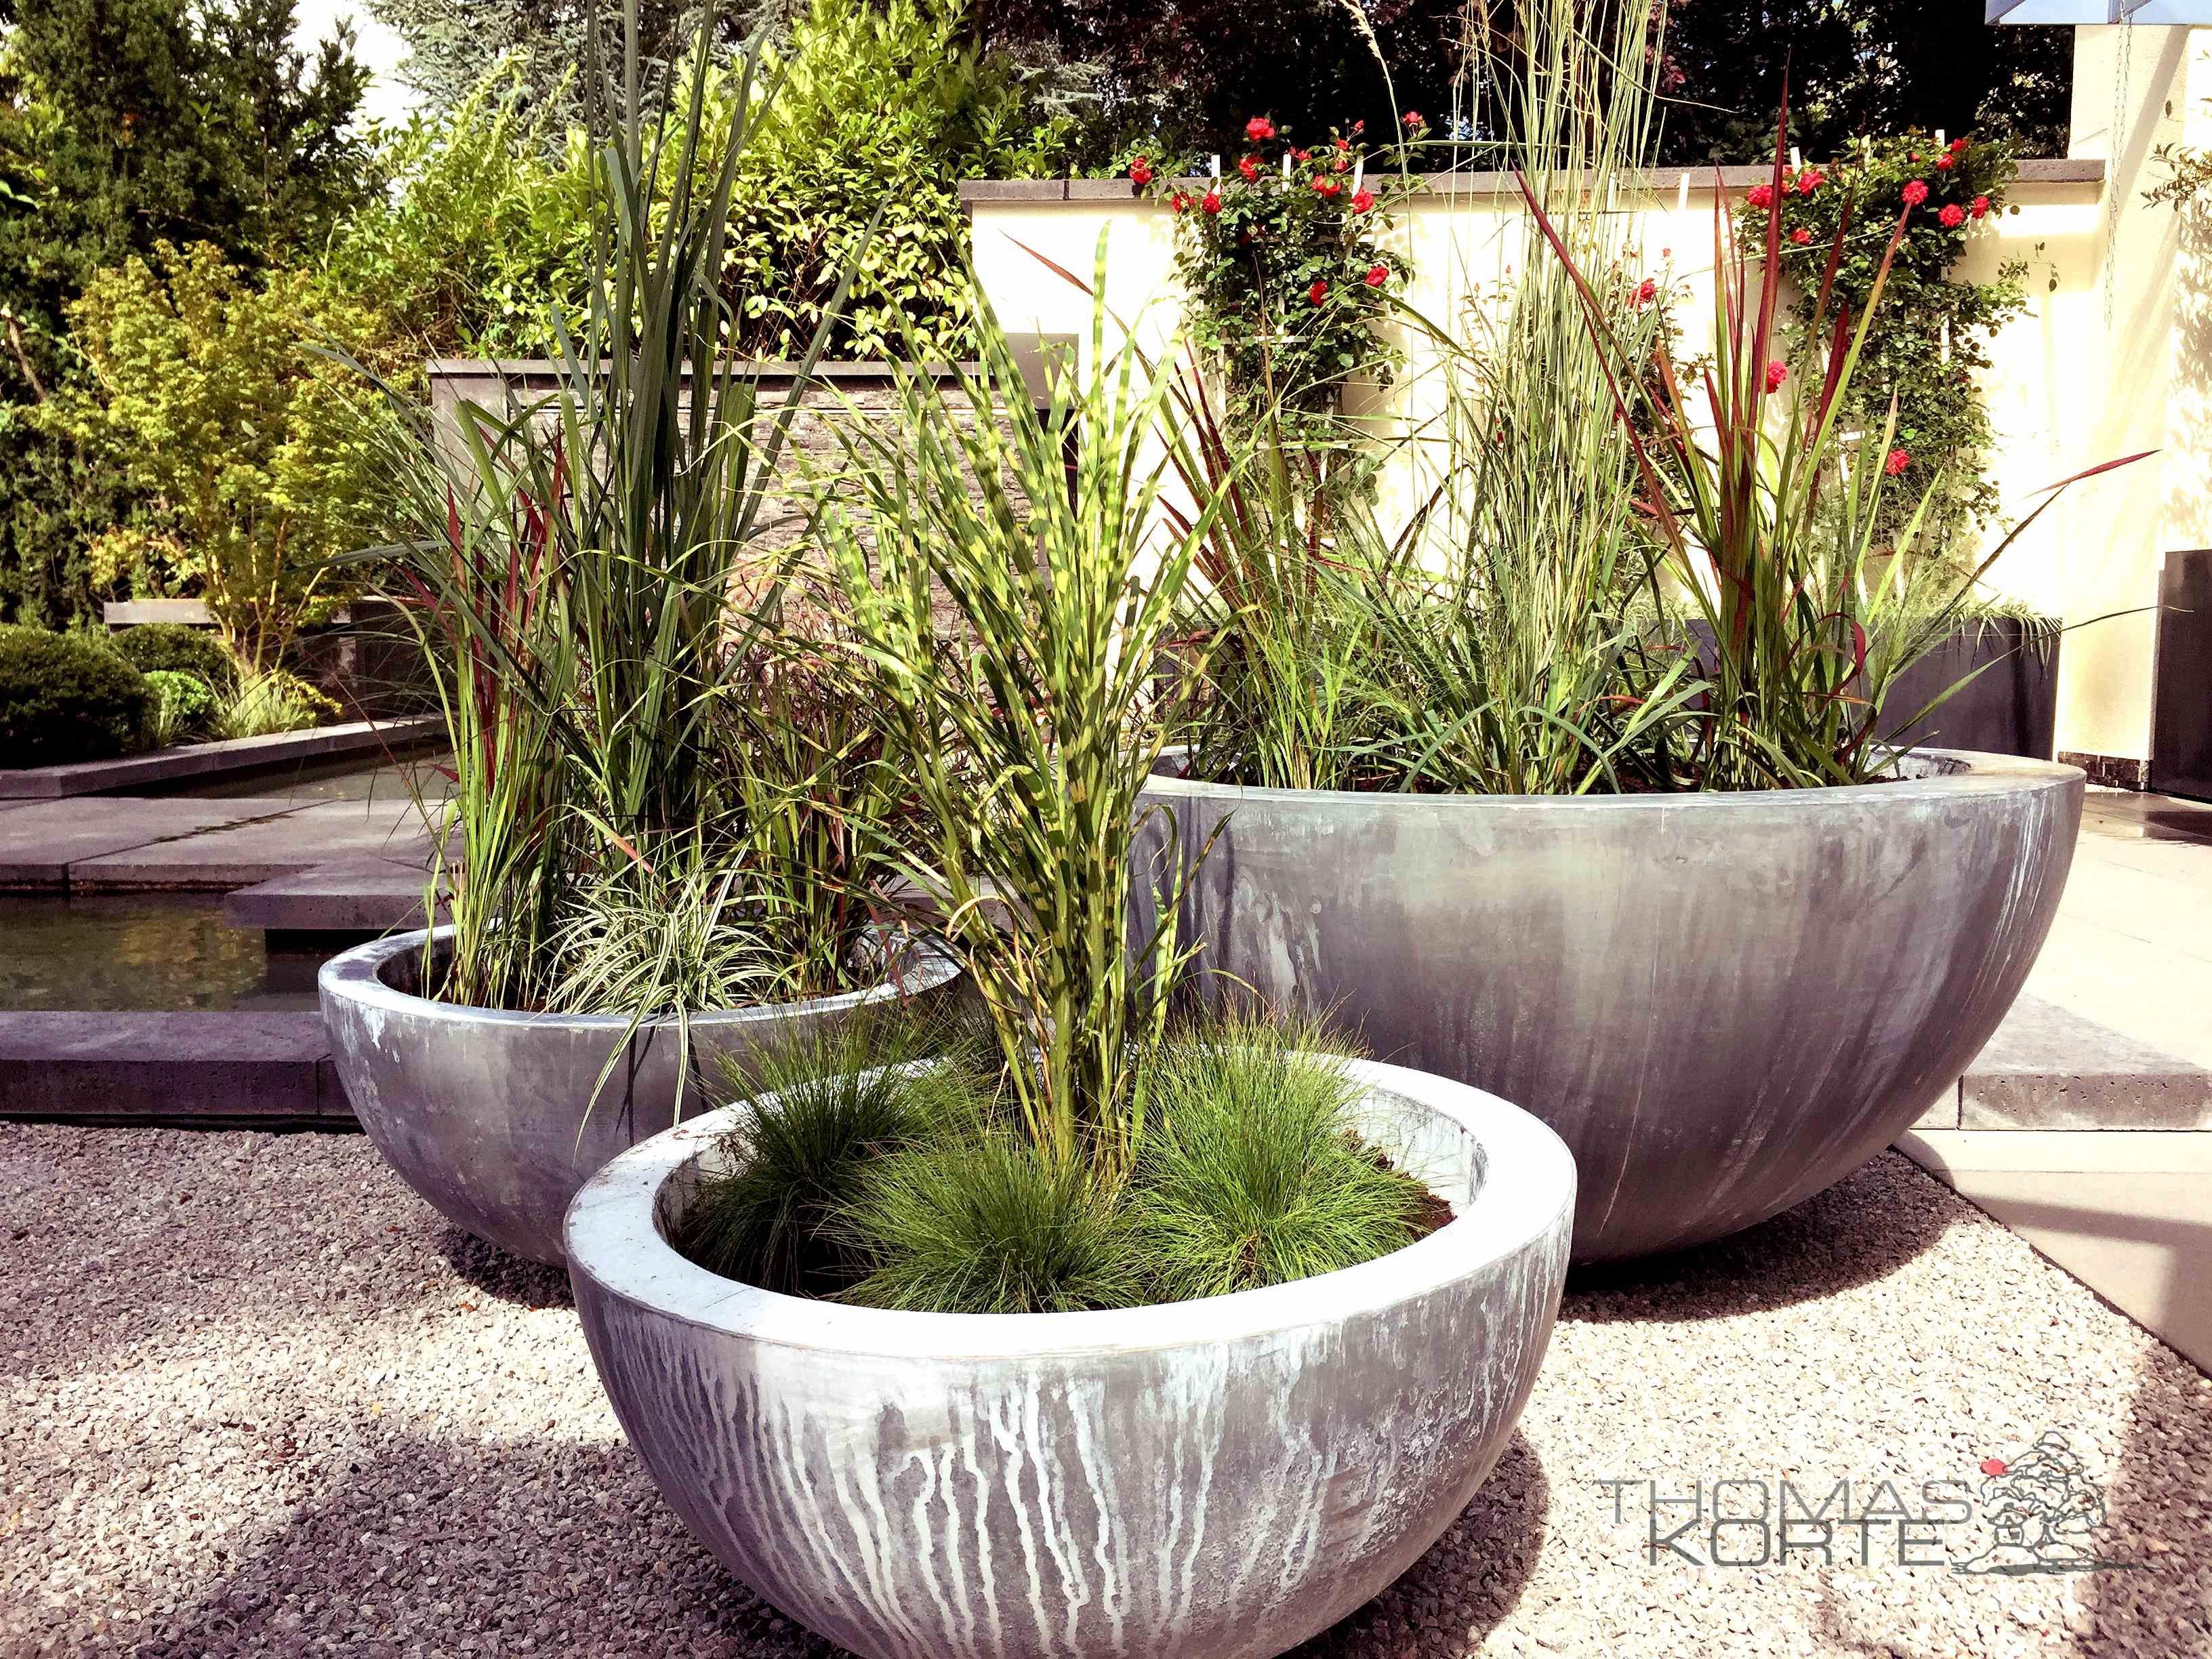 Topfe Domani Zinc Graser Bepflanzung Terrasse Garten